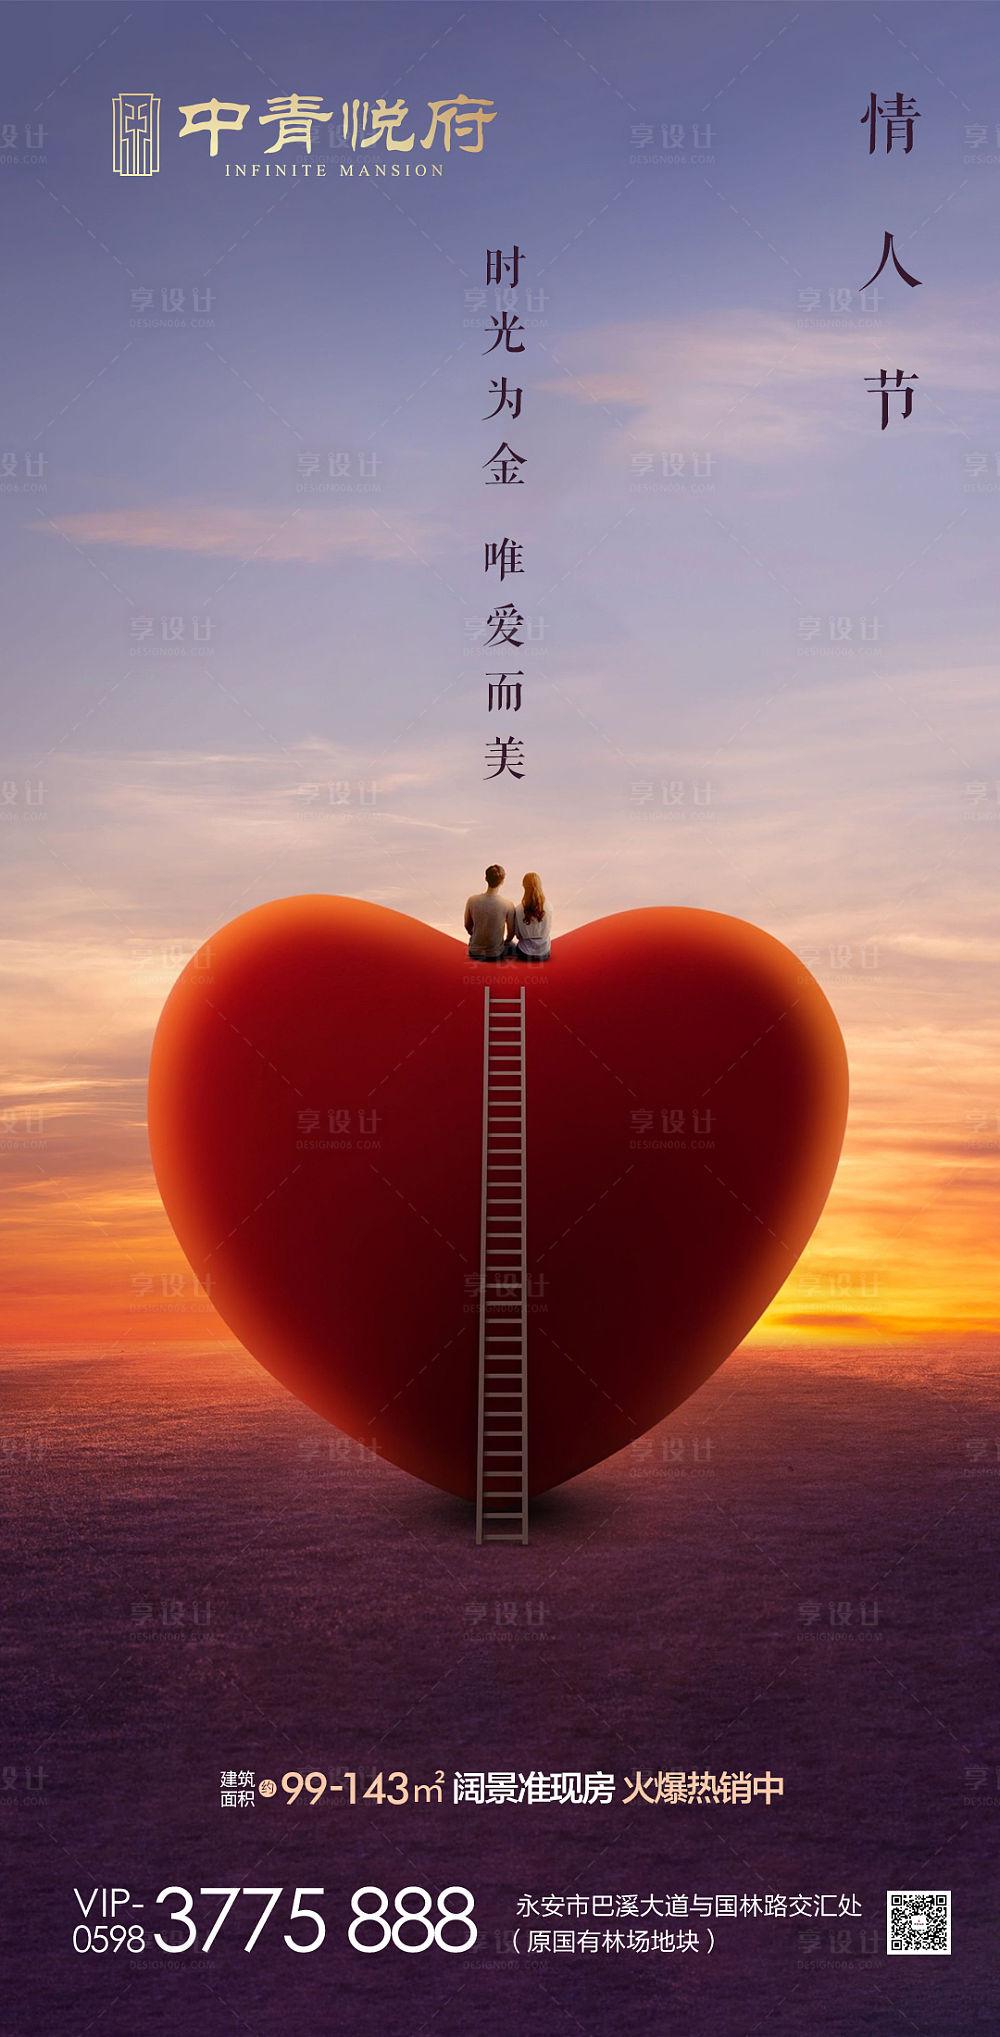 【源文件下载】 海报 房地产 情人节 公历节日 心